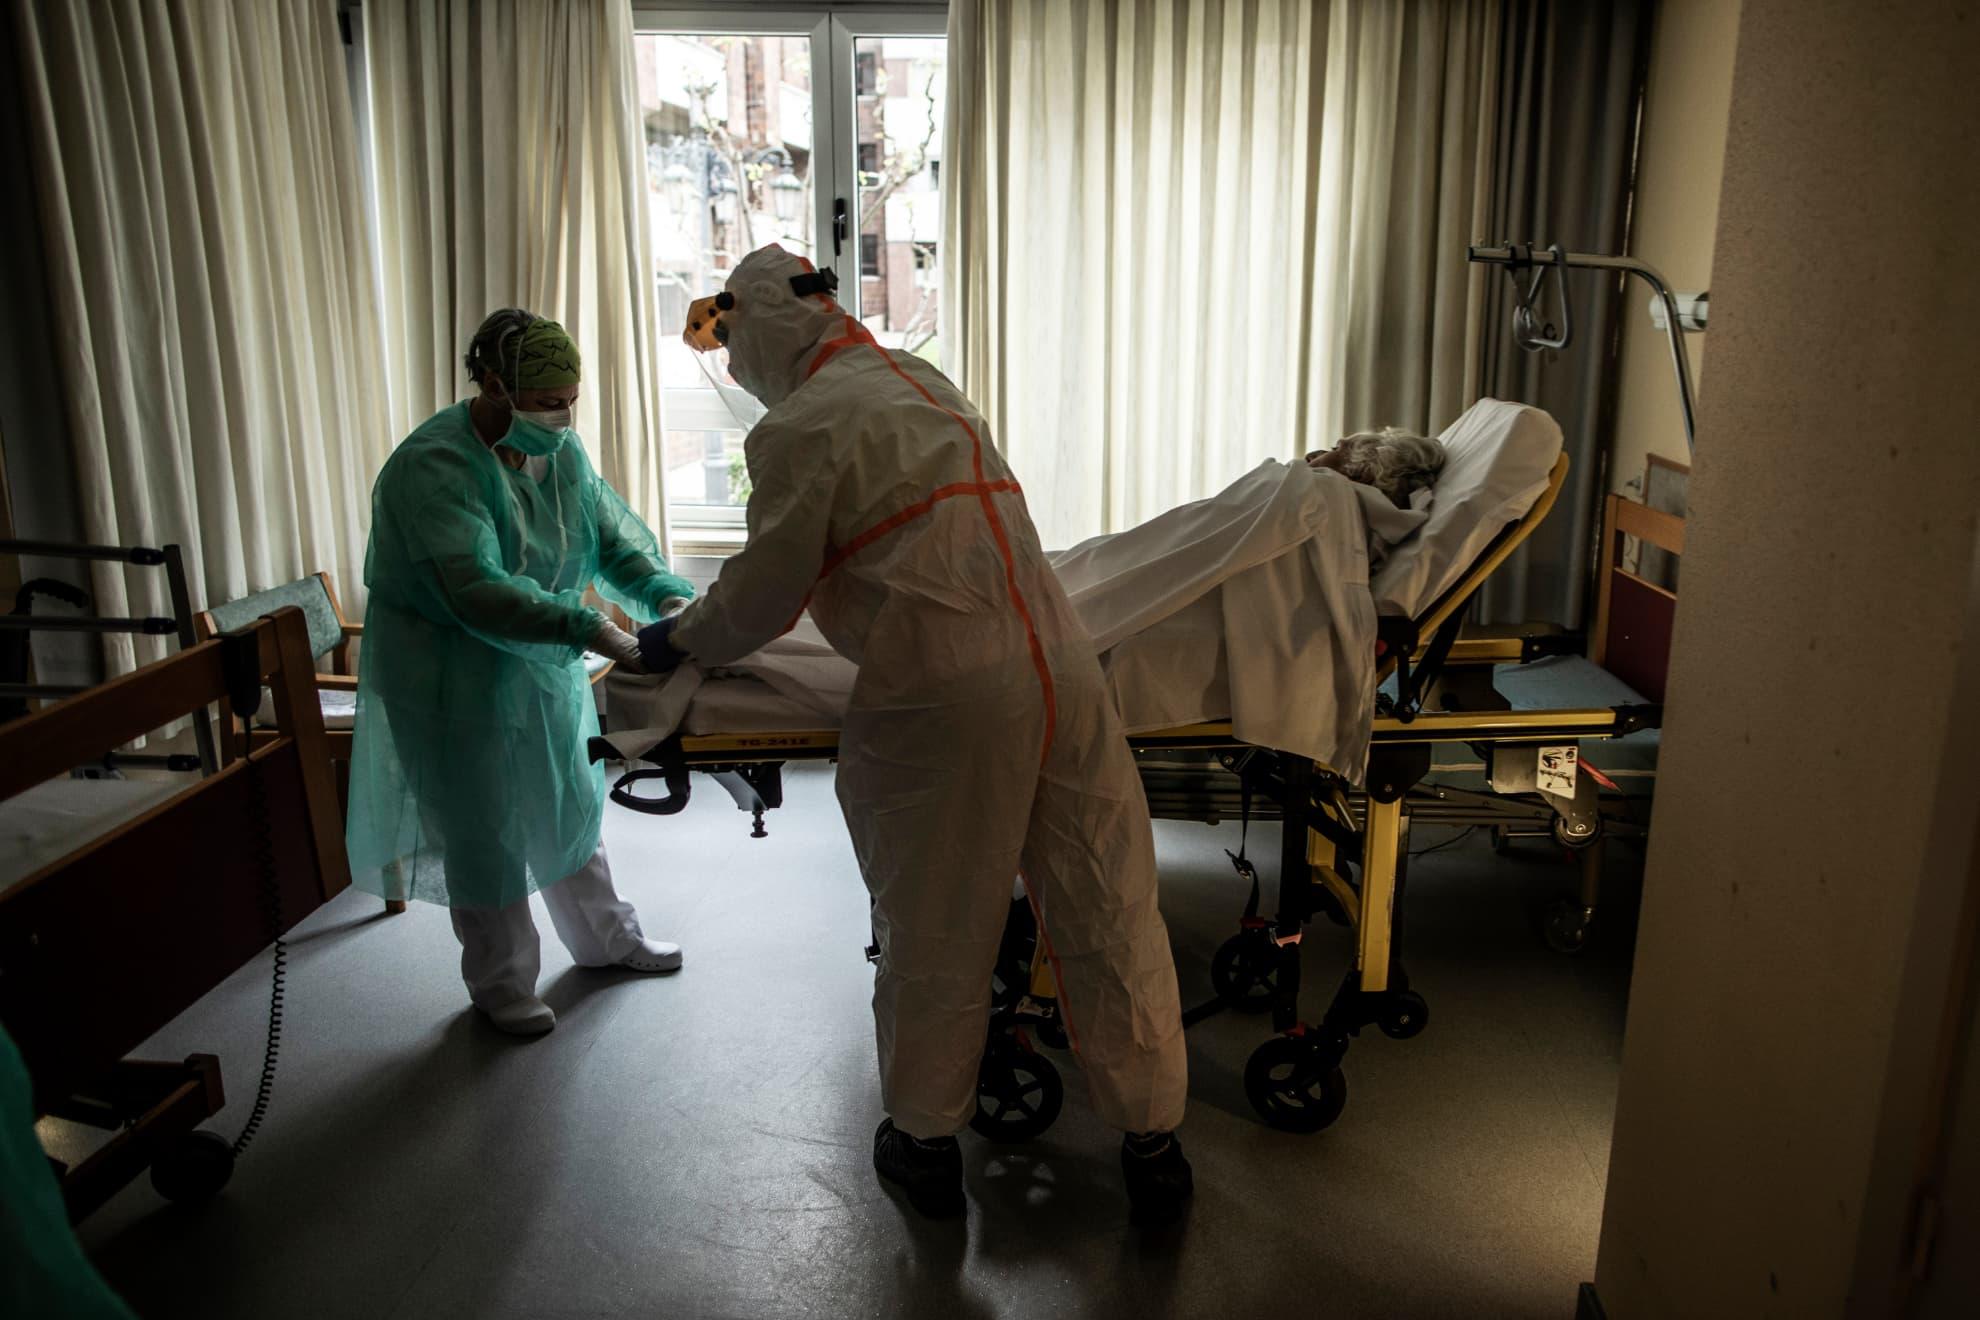 Durante el traslado al Hospital de la Universidad Central de Asturias, Pablo, un paramédico de ambulancia y una enfermera de la residencia de personas mayores sujetan a un anciano afectado con COVID-19. Oviedo, Asturias, España.